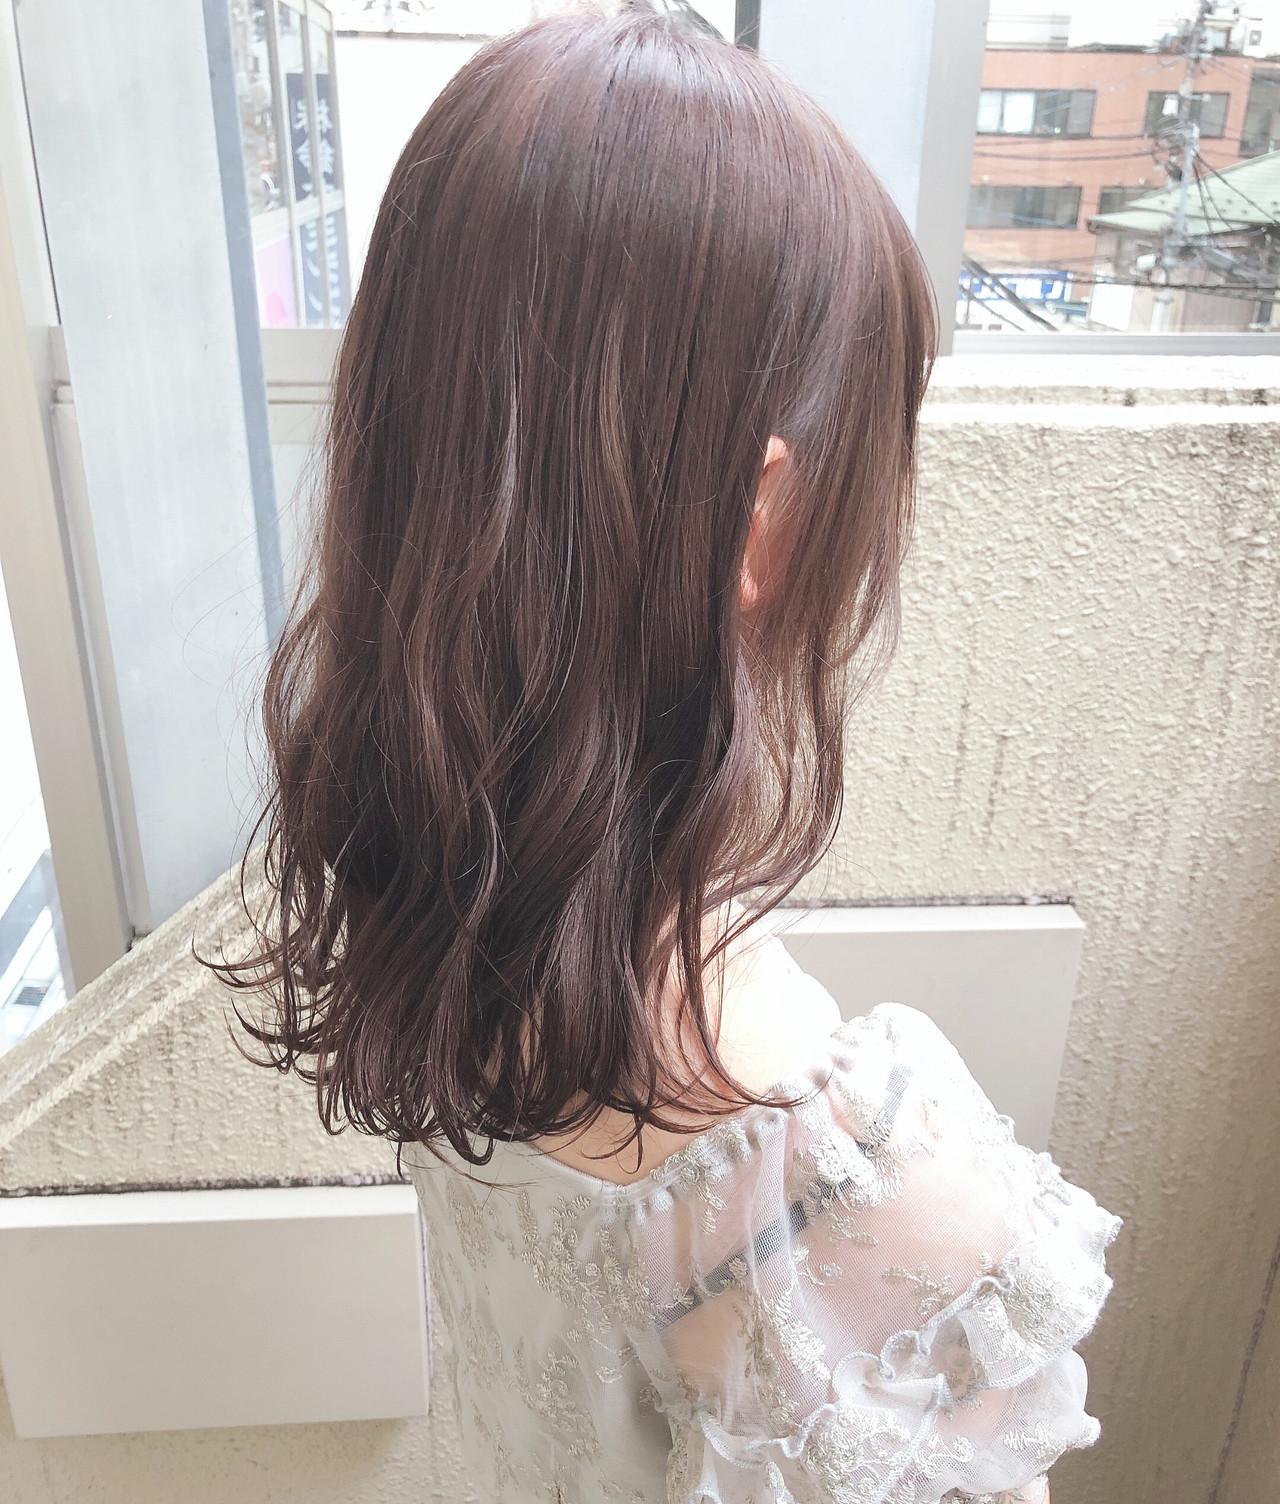 セミロング ゆるふわ モード 透明感 ヘアスタイルや髪型の写真・画像